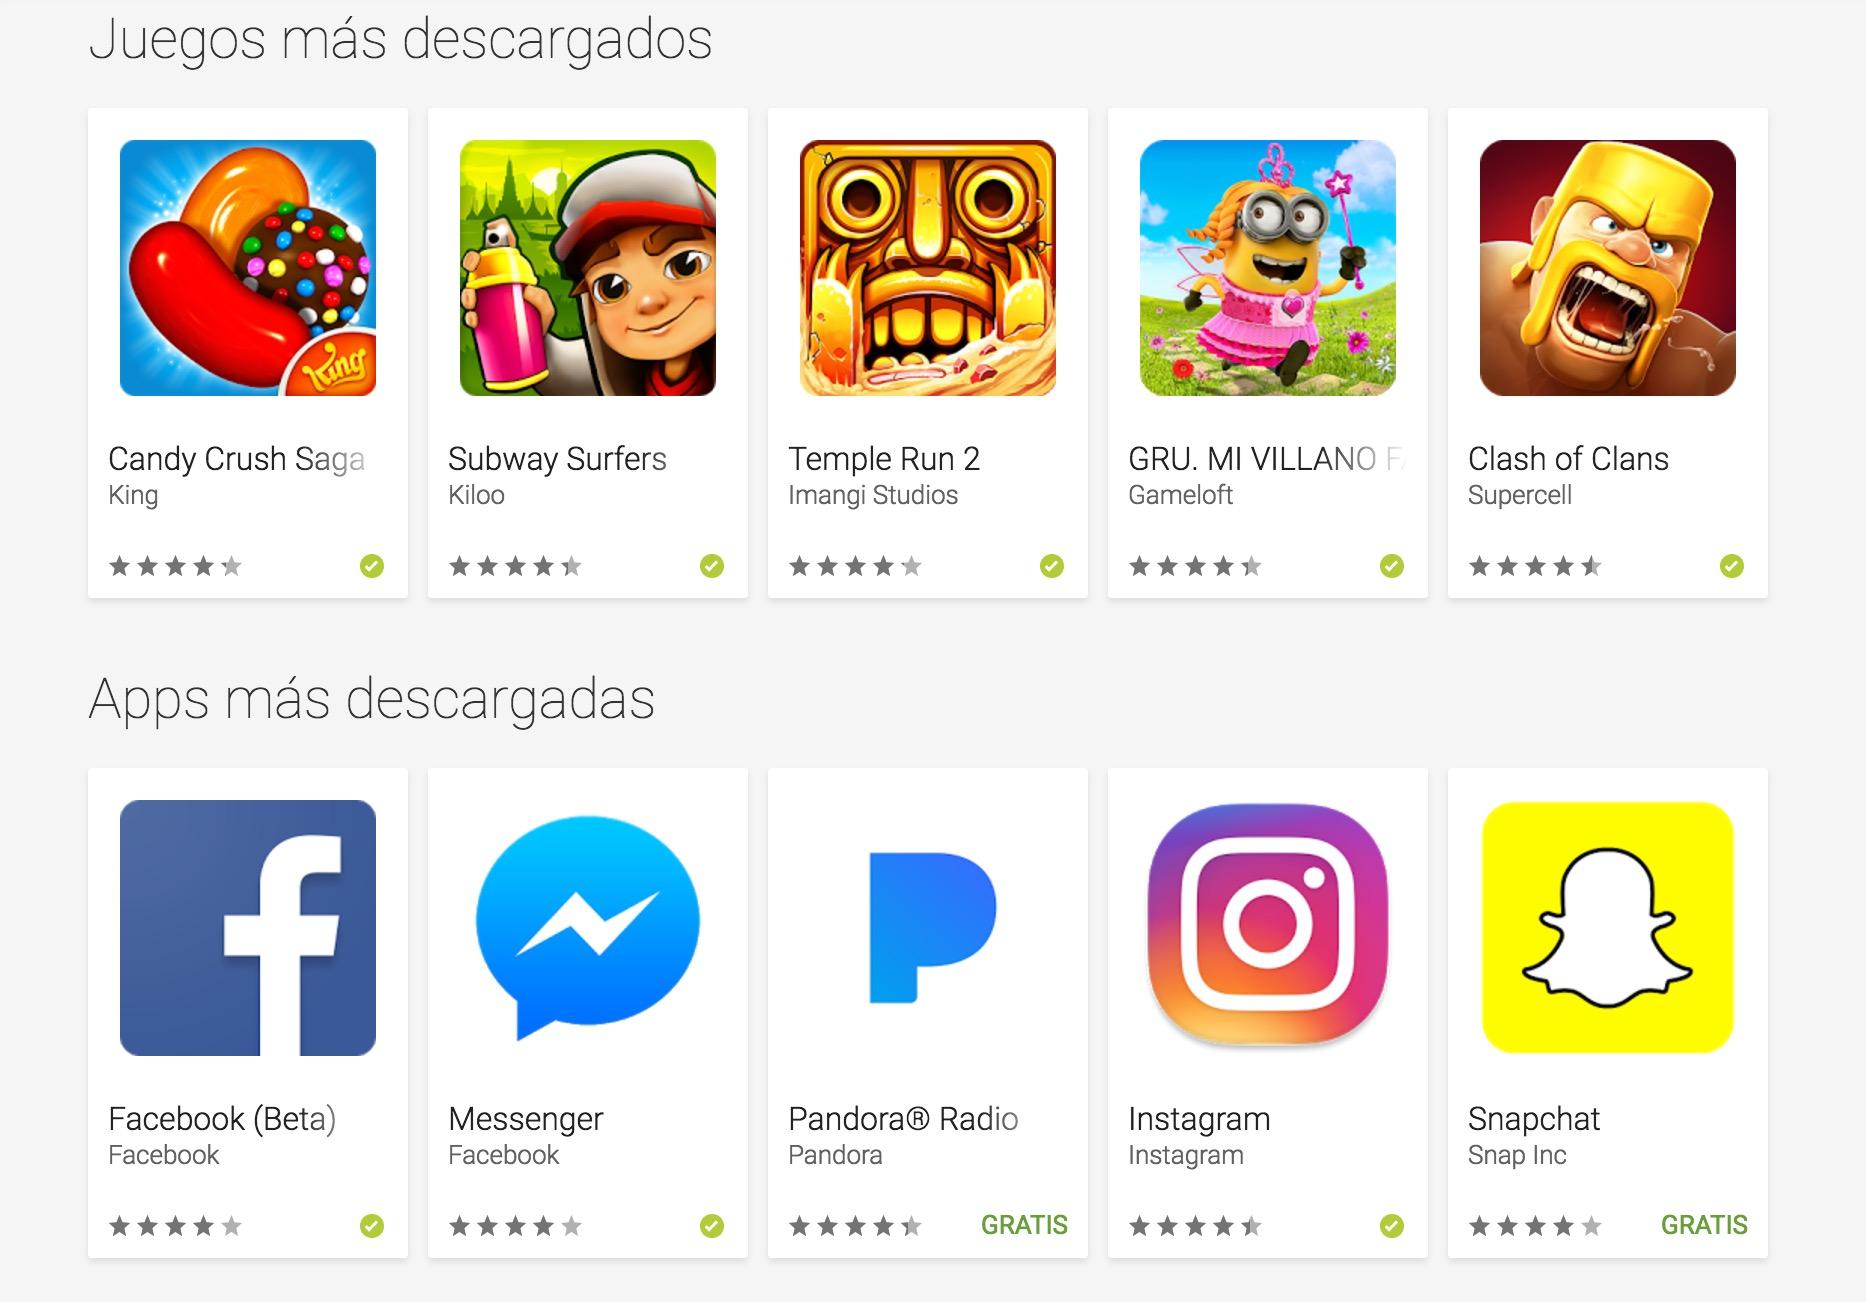 Google play apps más descargadas de la historia2